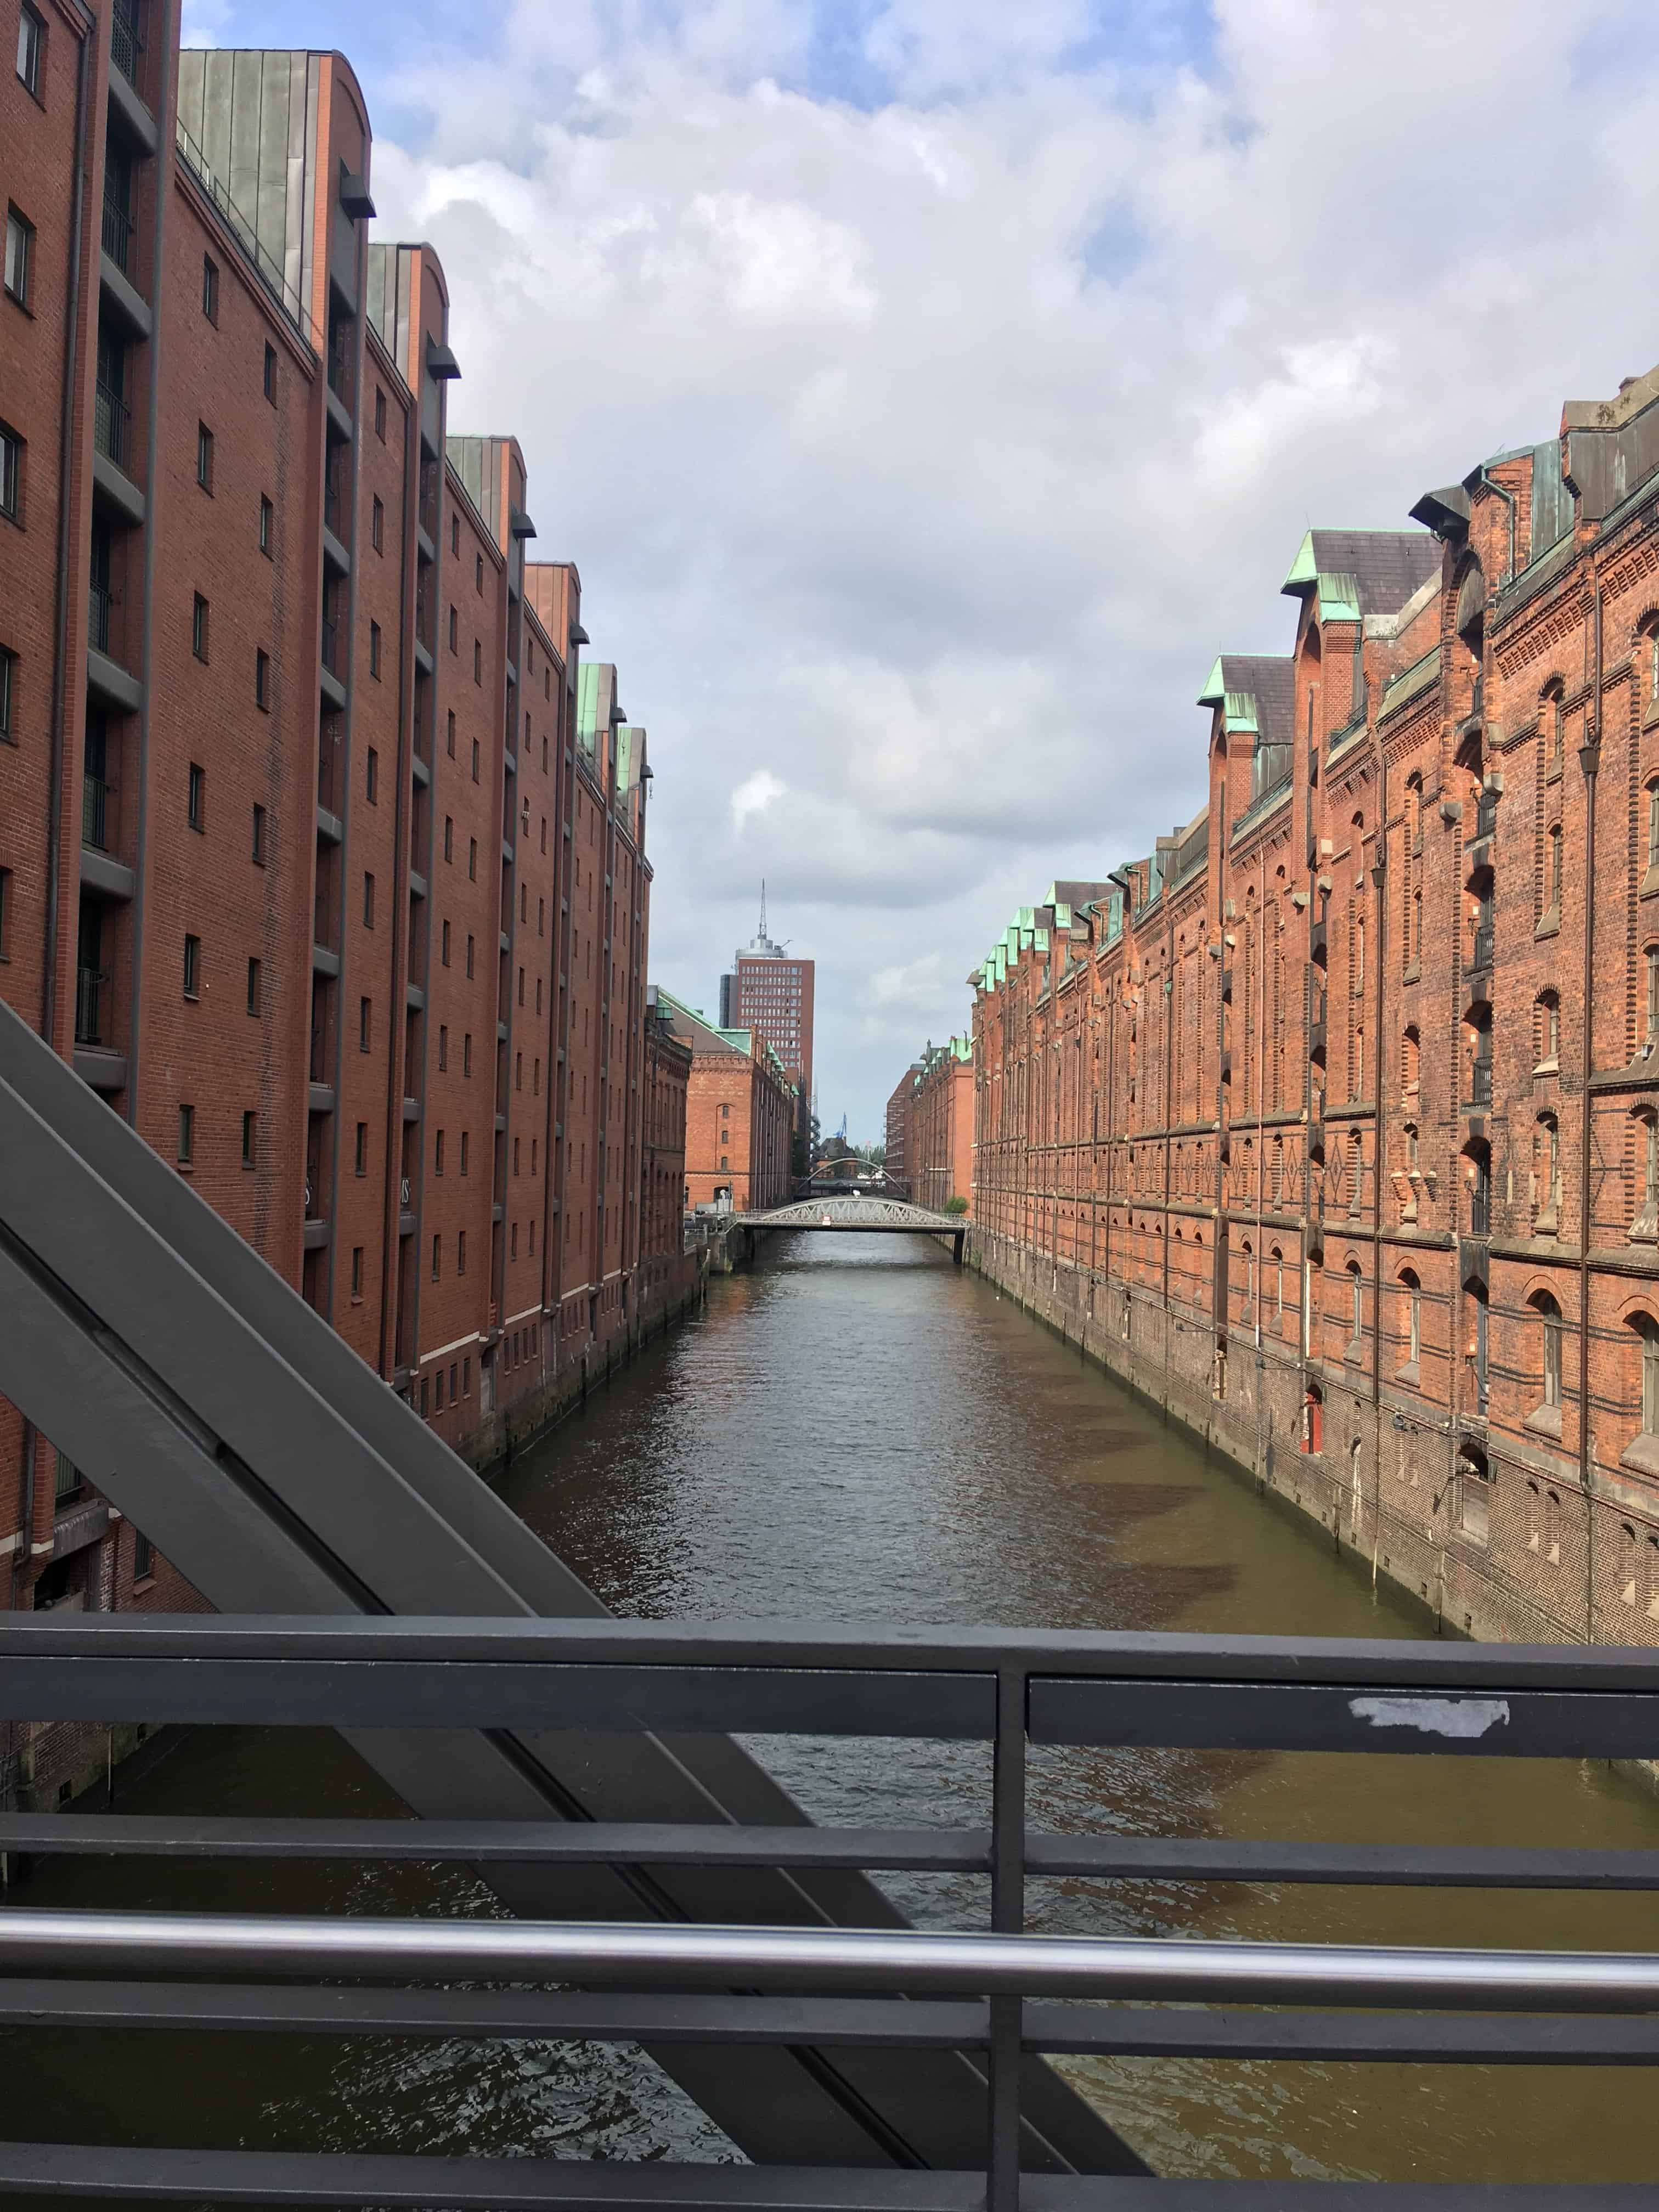 Speicherstadt består af røde pakhuse og kanaler